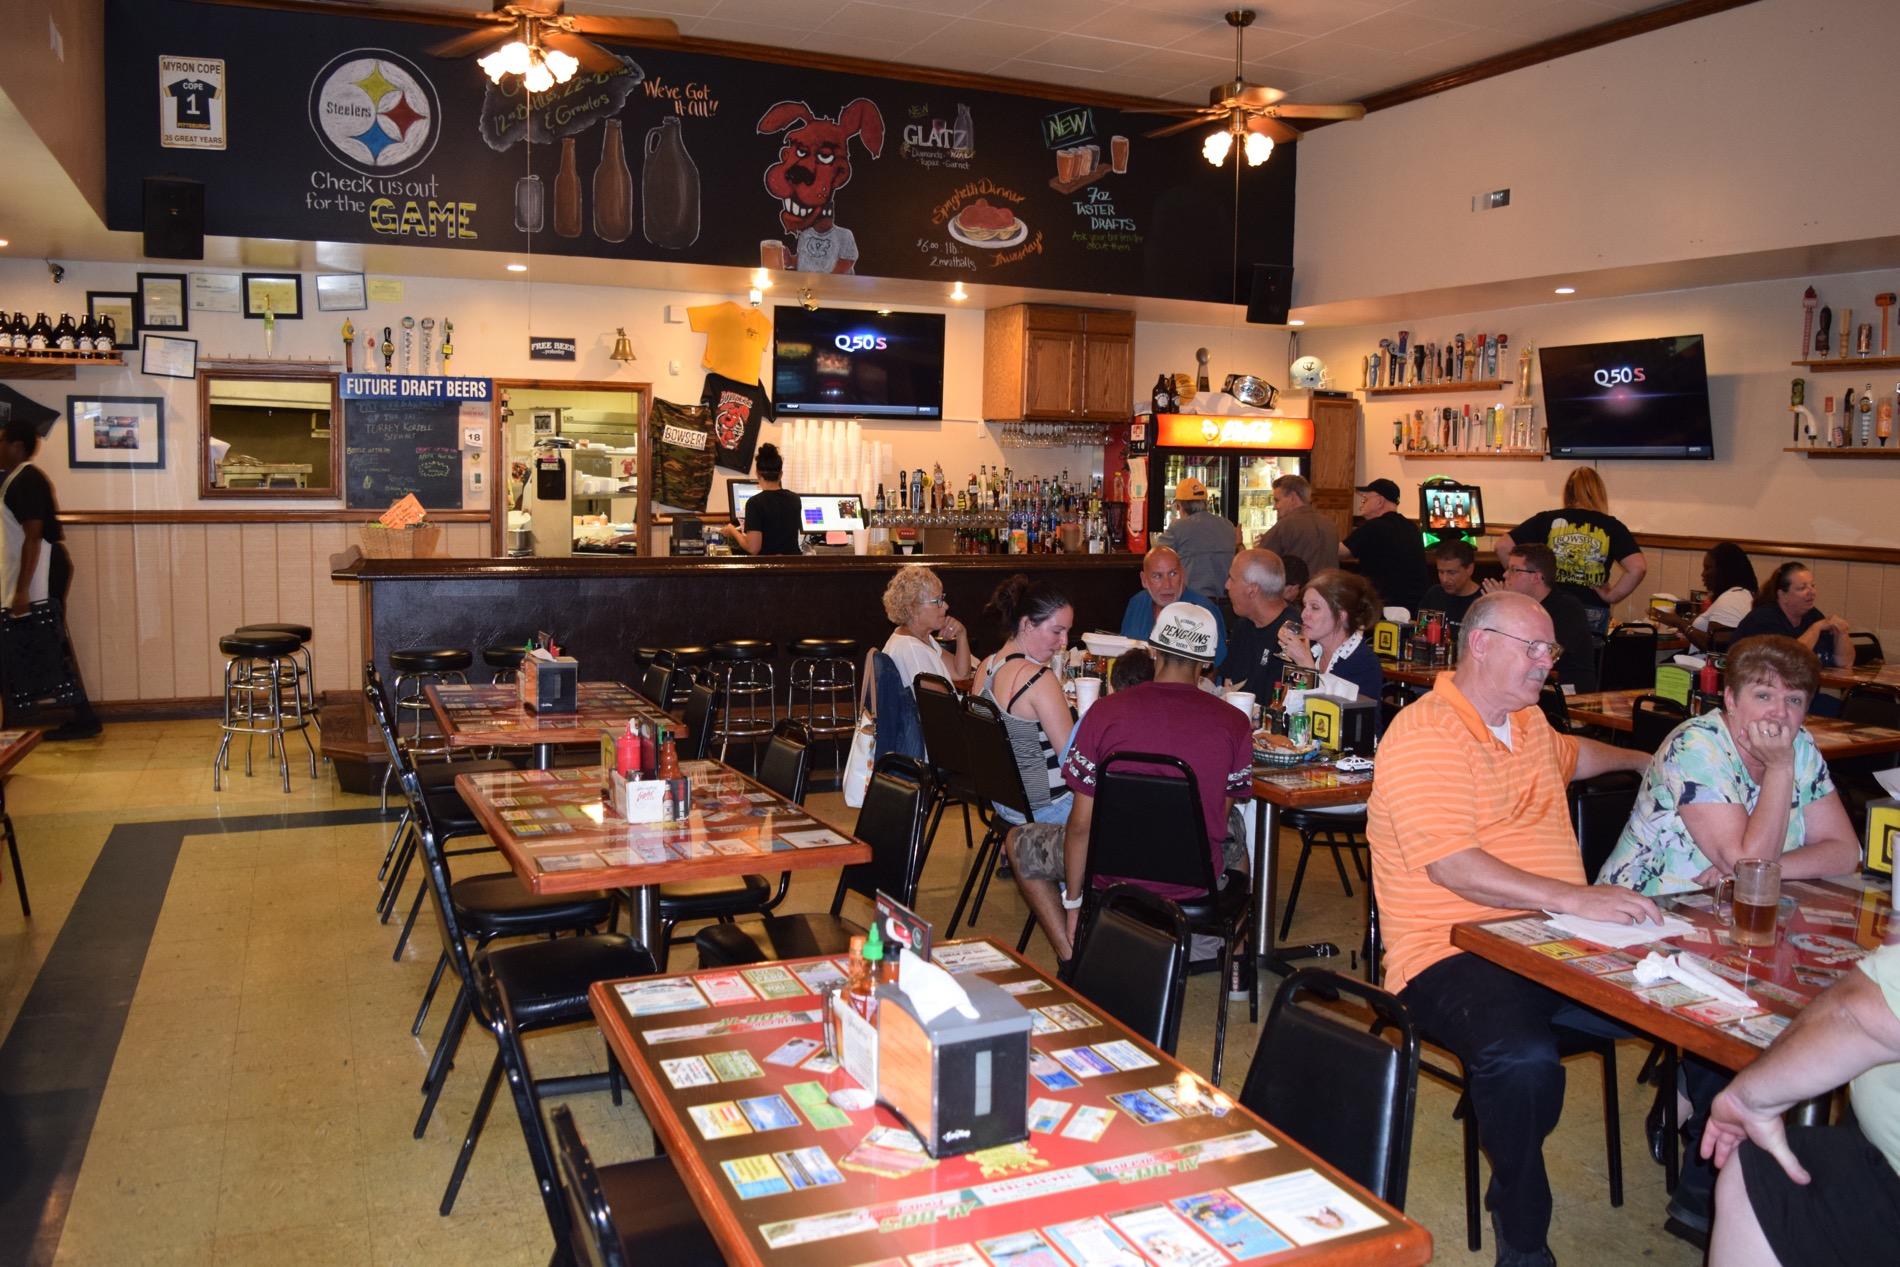 Bowser's Restaurant